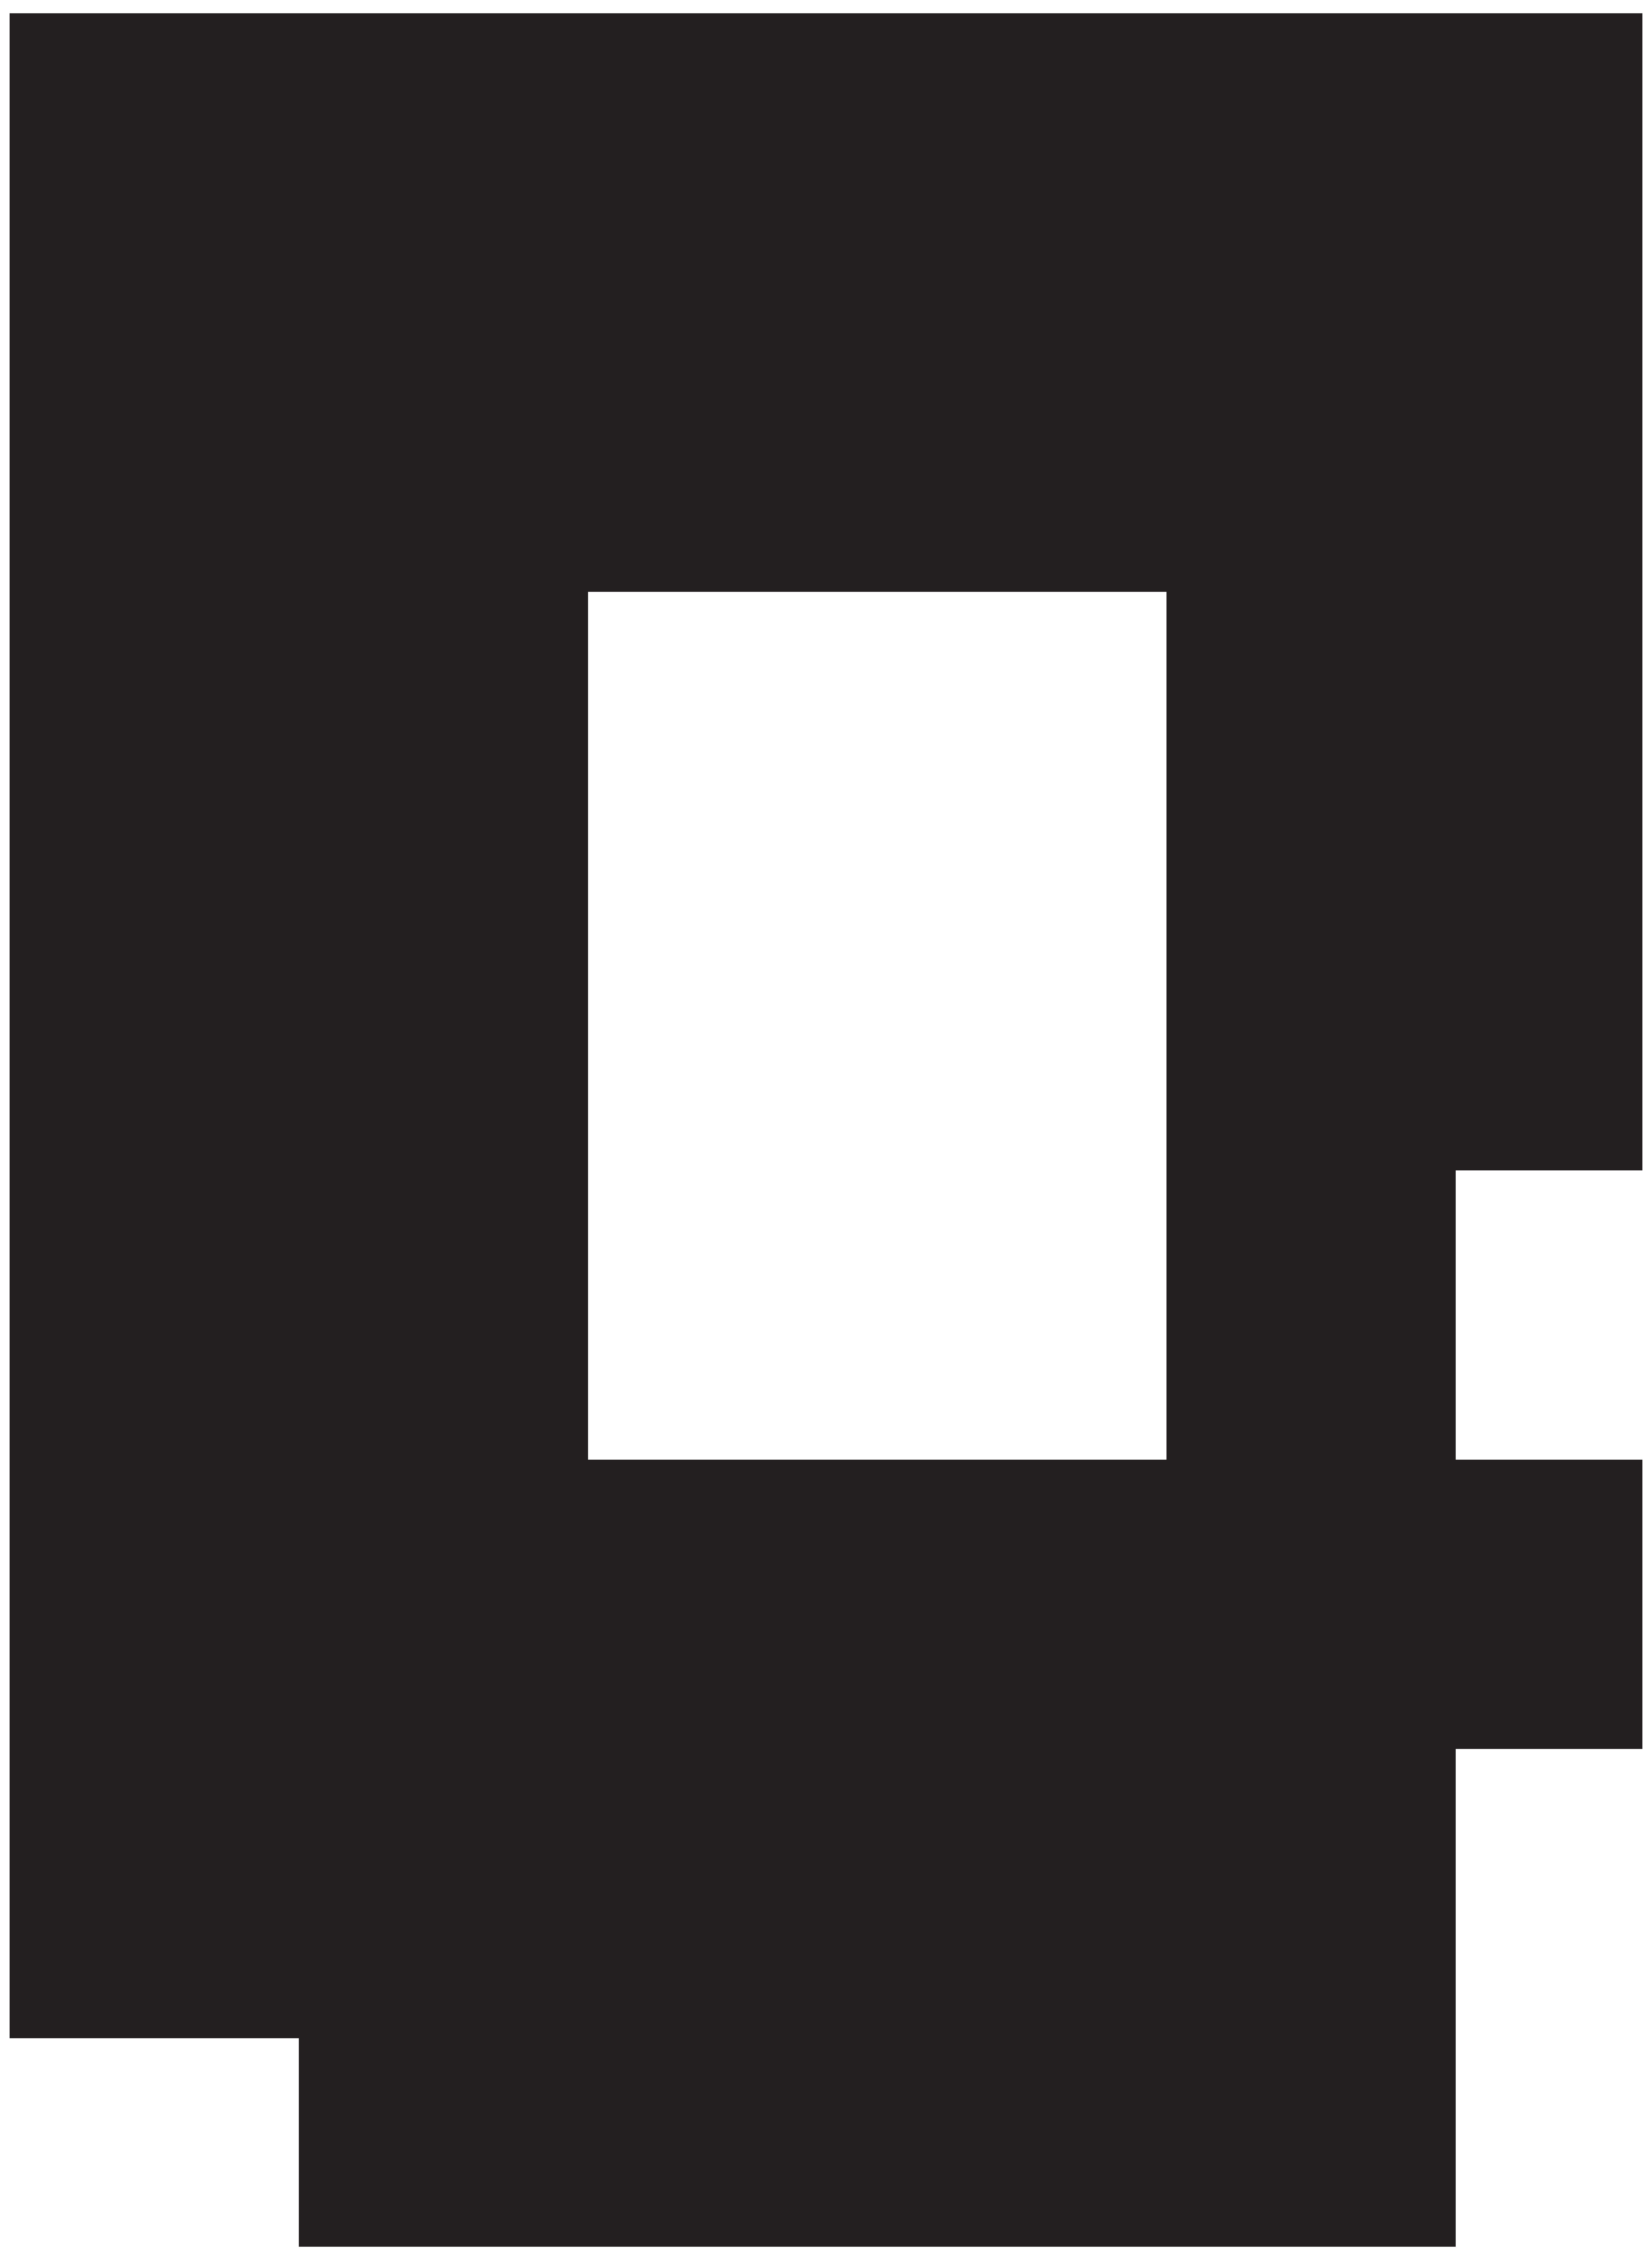 clipart library Man hair beard png. Mustache clipart